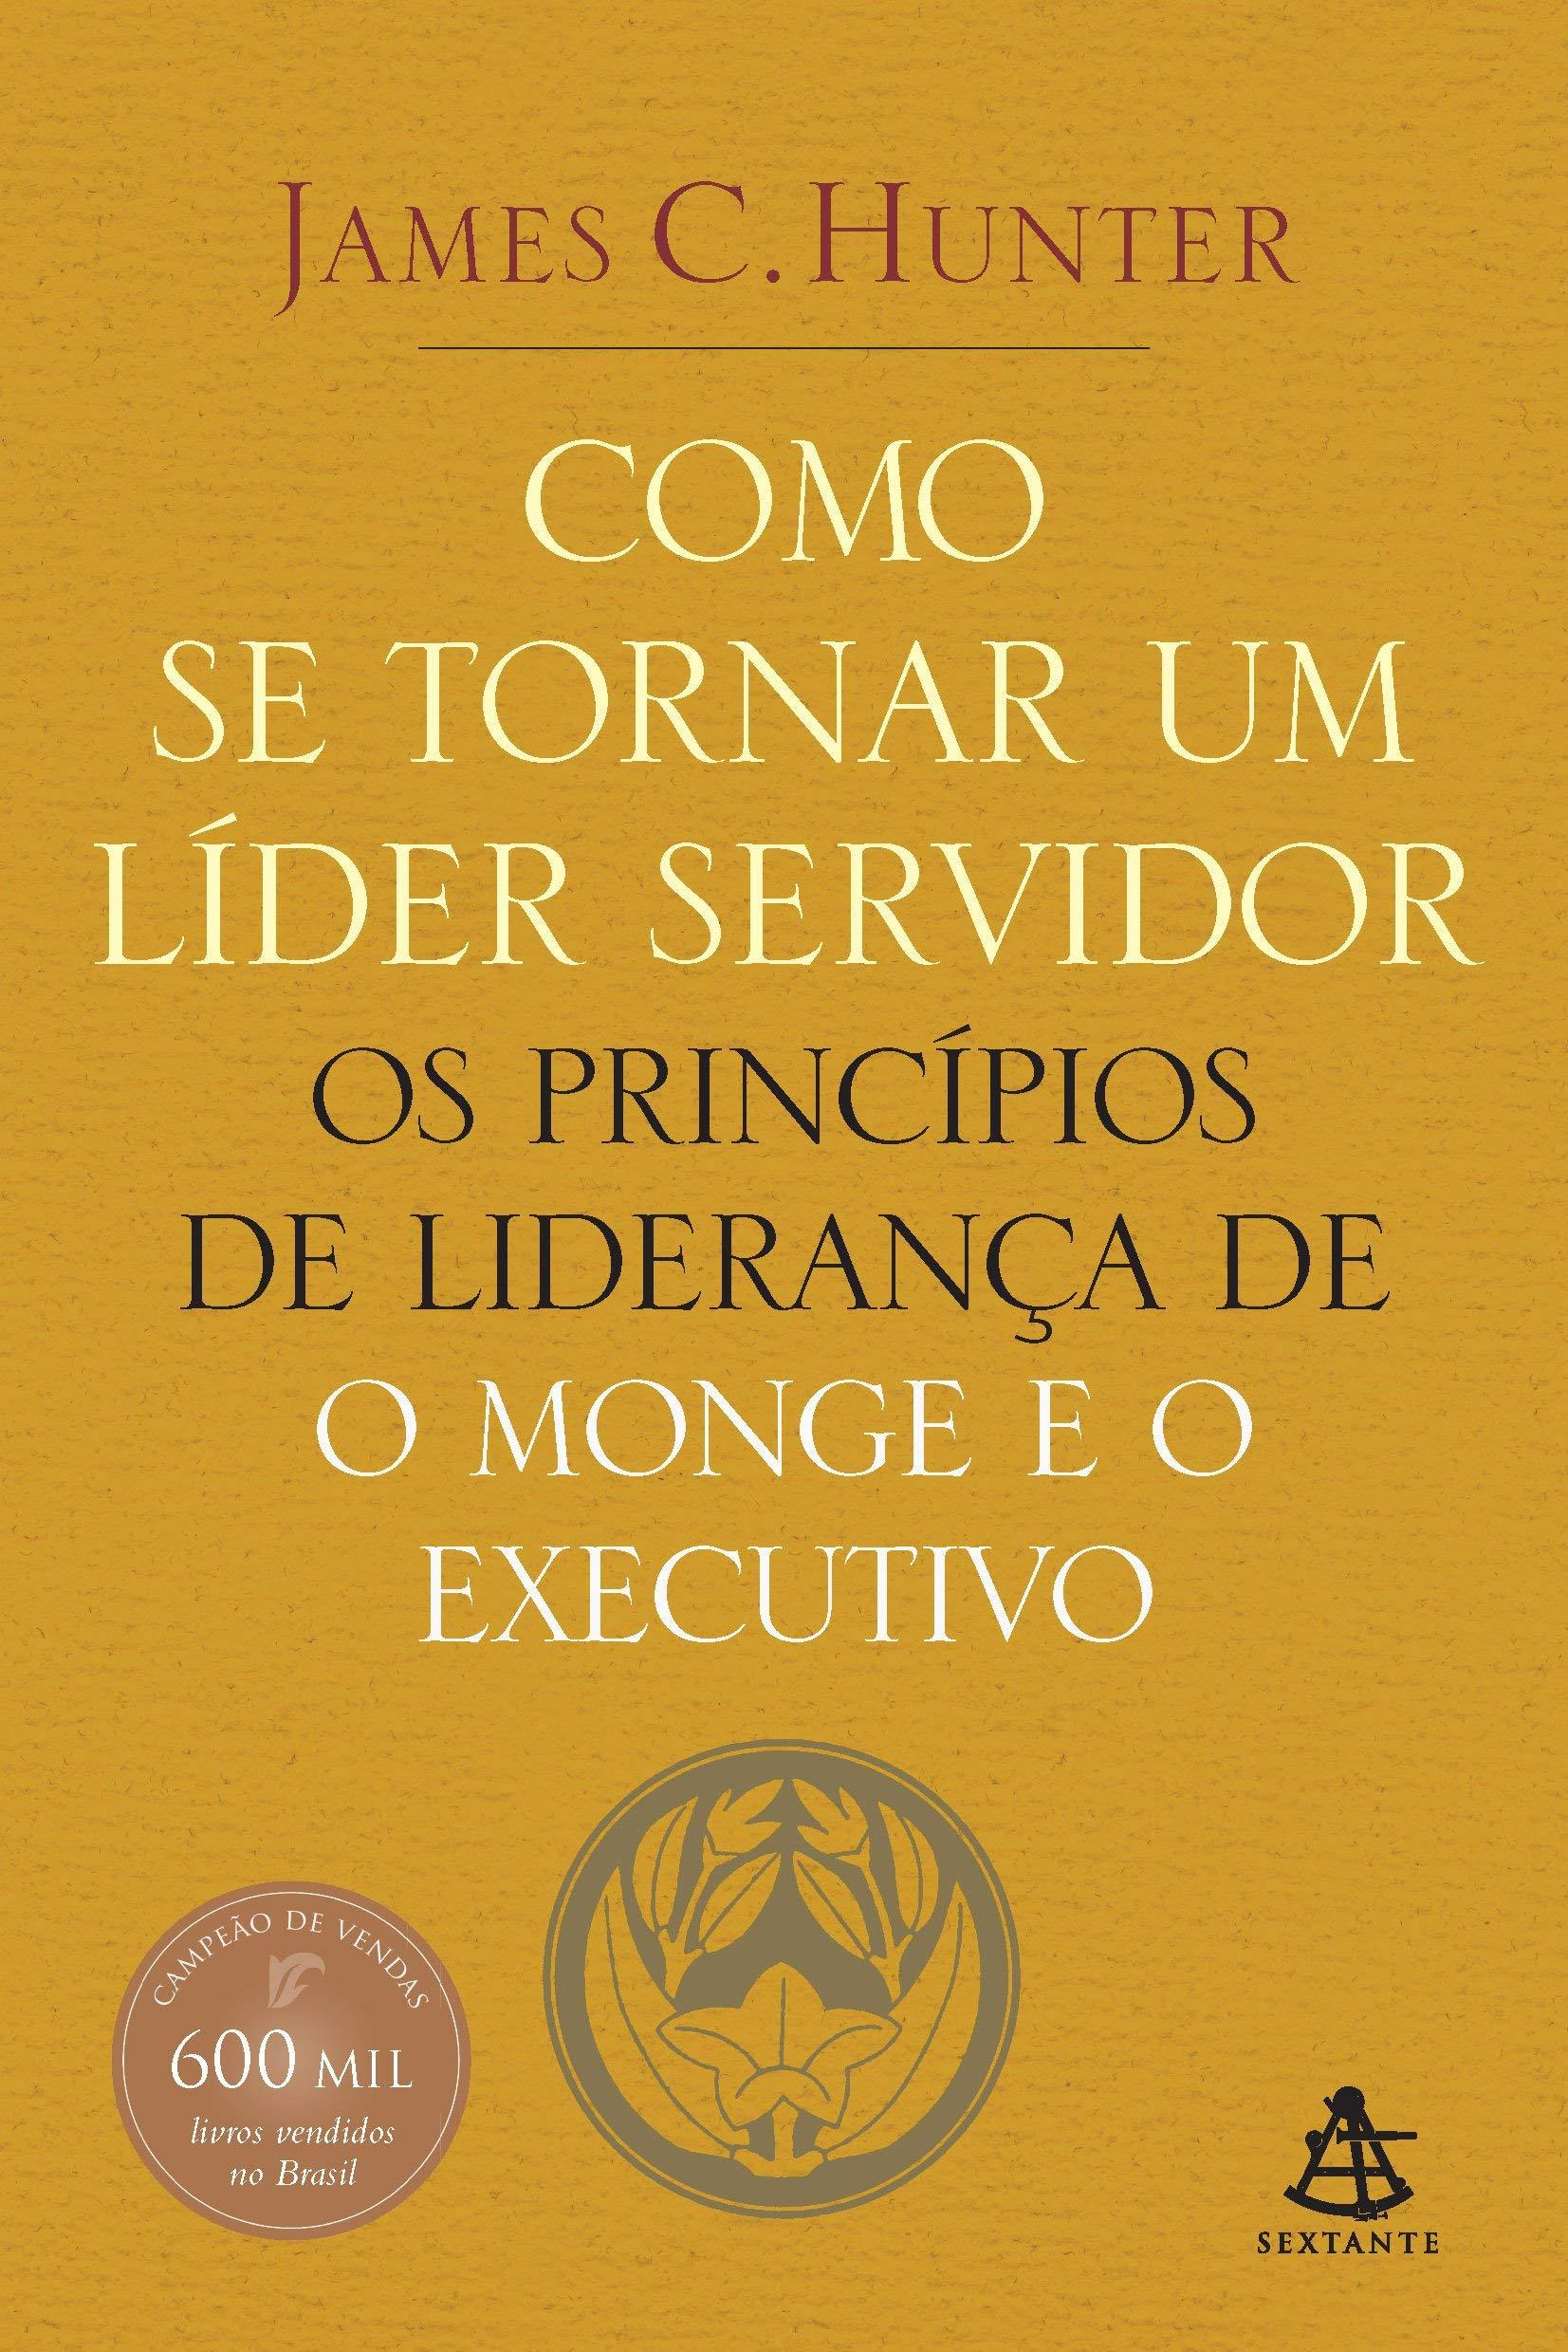 Como se tornar um líder servidor - 9788575422106 - Livros na Amazon Brasil e488cb5dd4